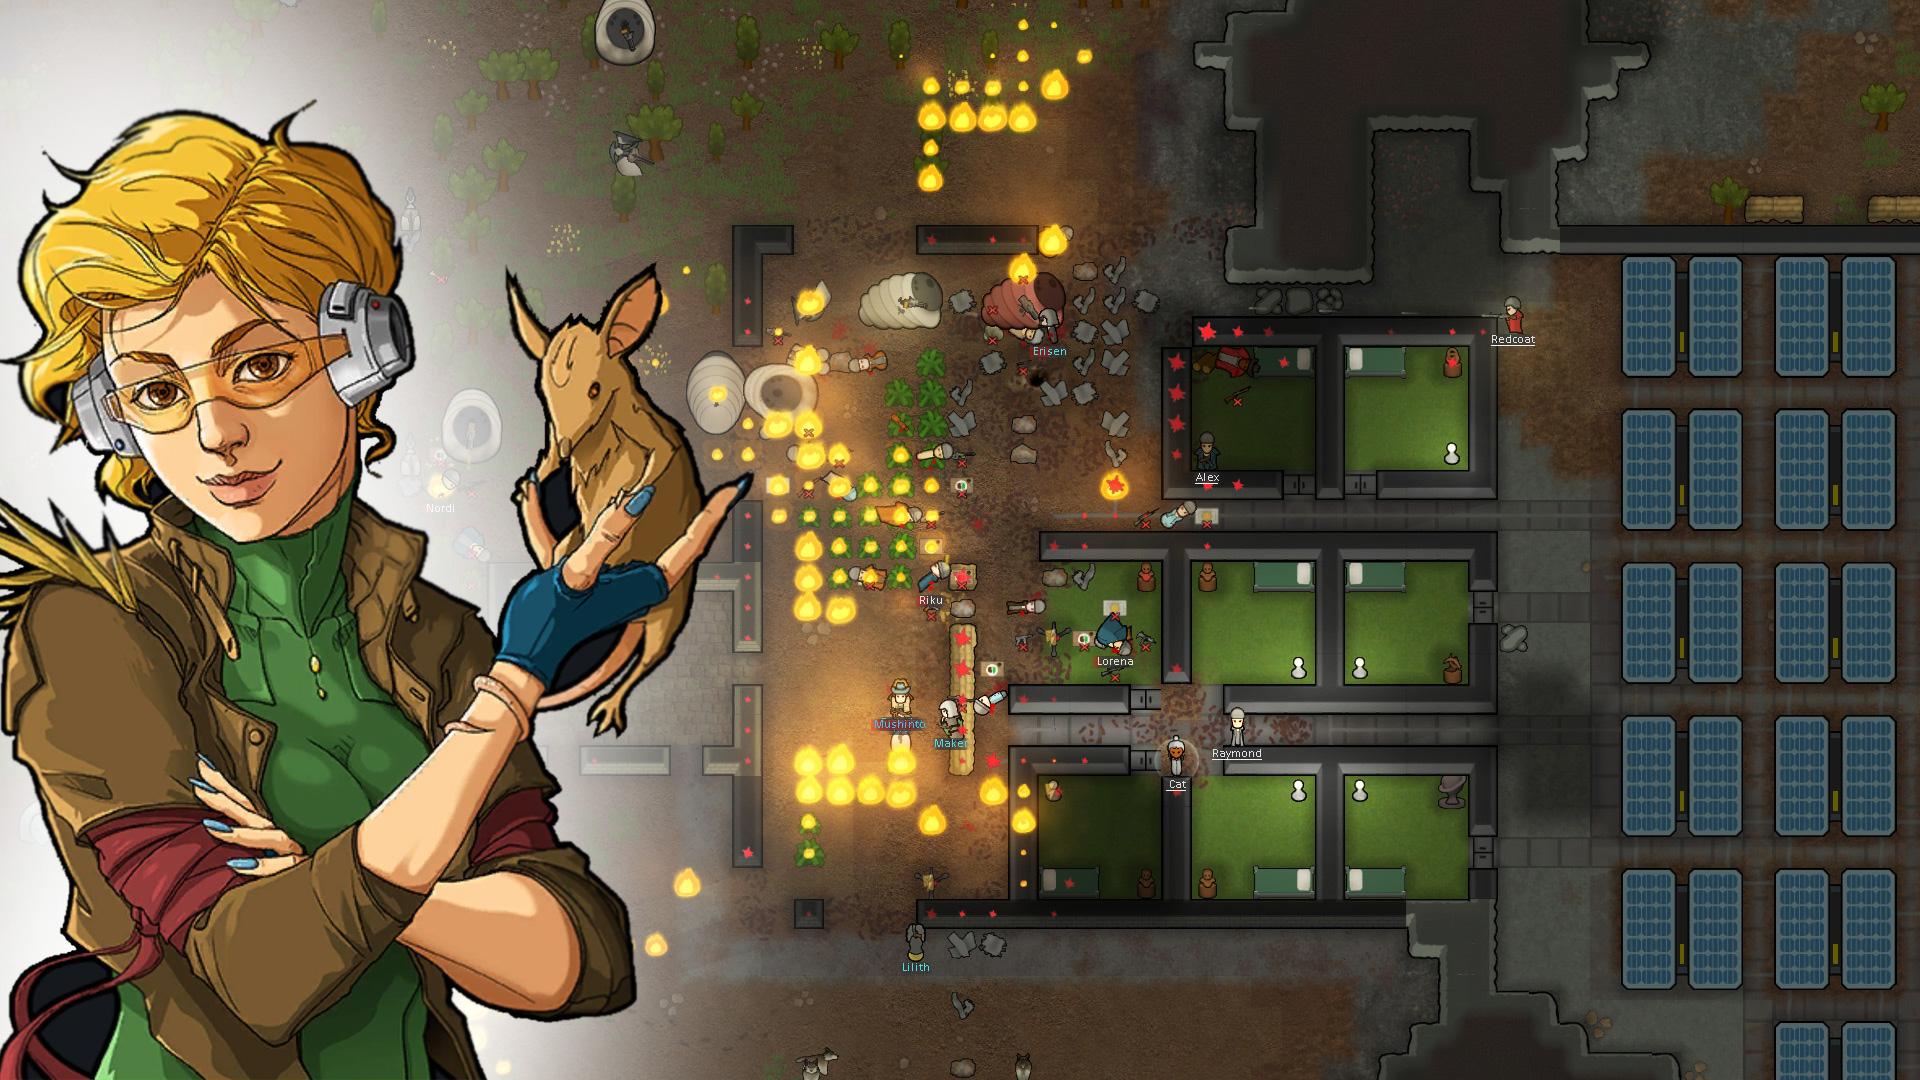 """Die Space-Simulation """"RimWorld"""" war das unter Steam-User beliebteste Spiel 2018."""